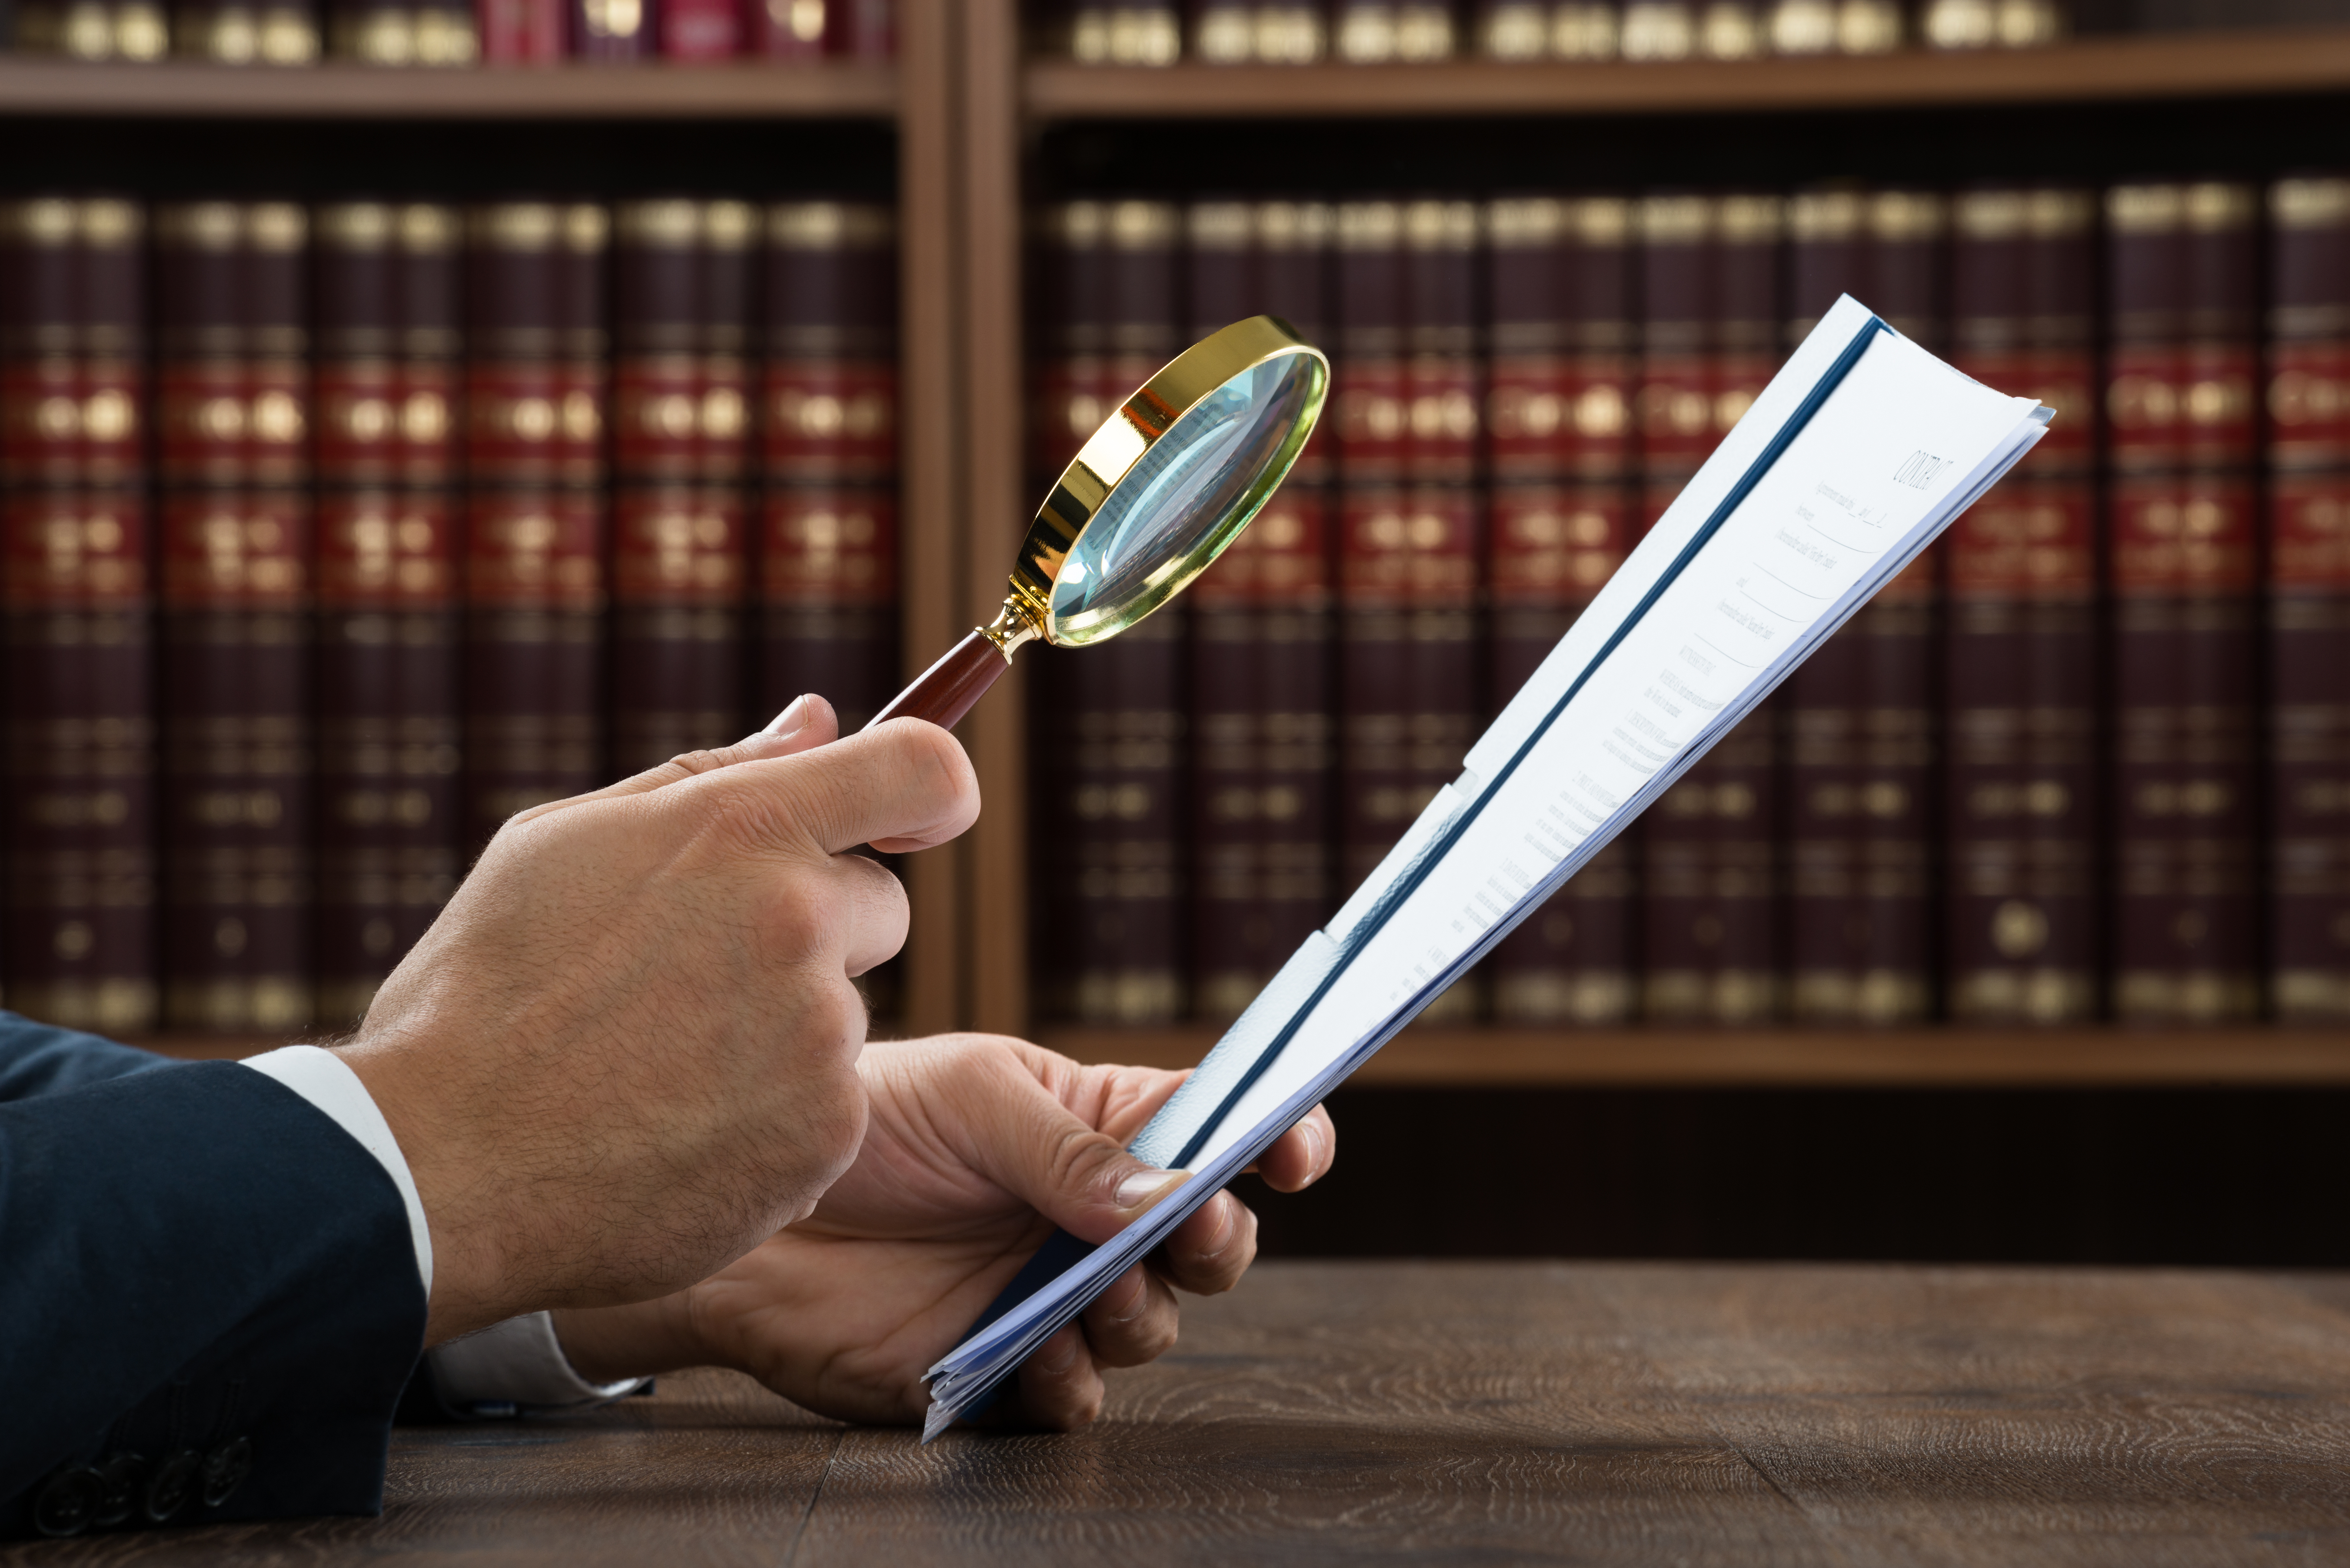 Mann mit Lupe sichtet das Vertrag Rechtliche Prüfung Unlauterer Wettbewerb